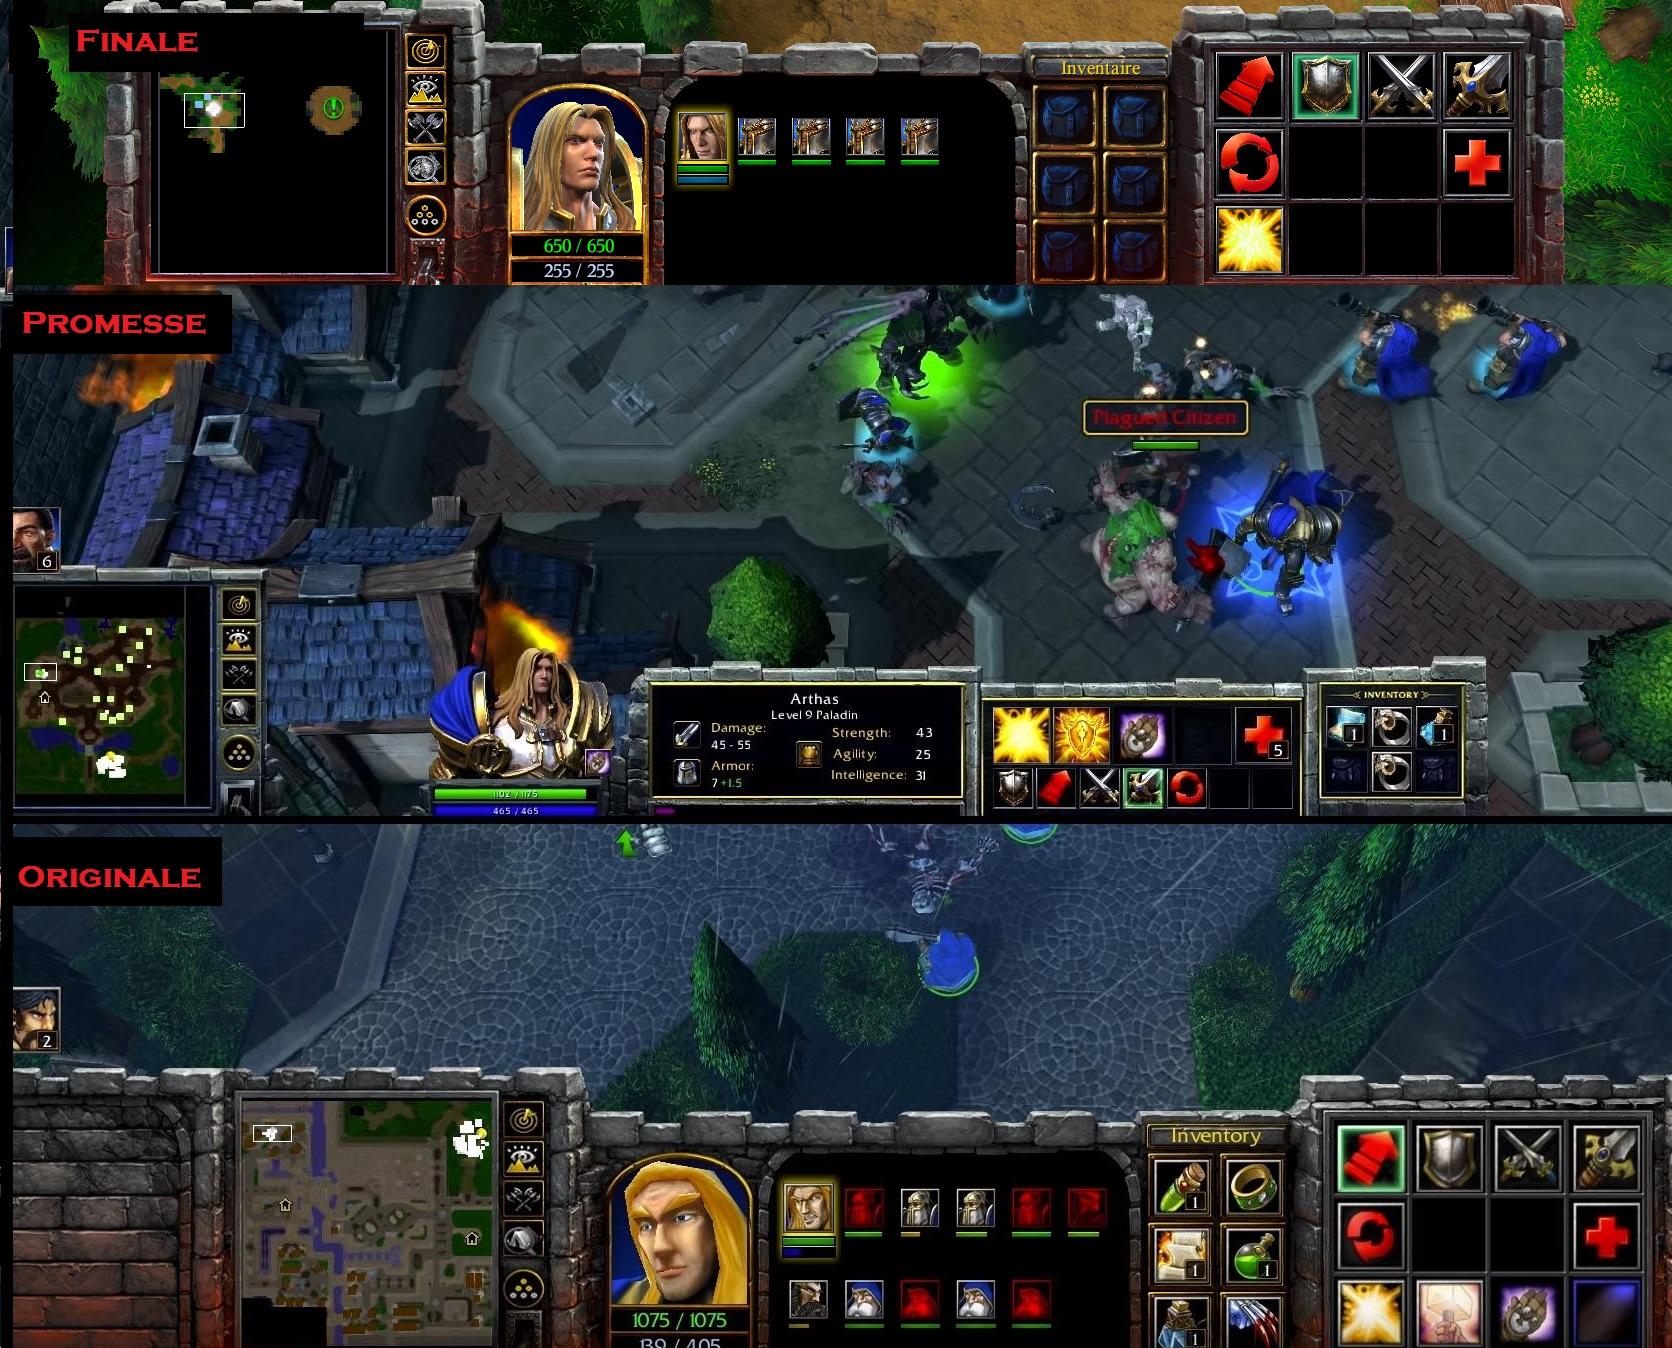 Présentation des trois interfaces pour Warcraft 3 Reforged : l'ancienne, la promesse et la nouvelle